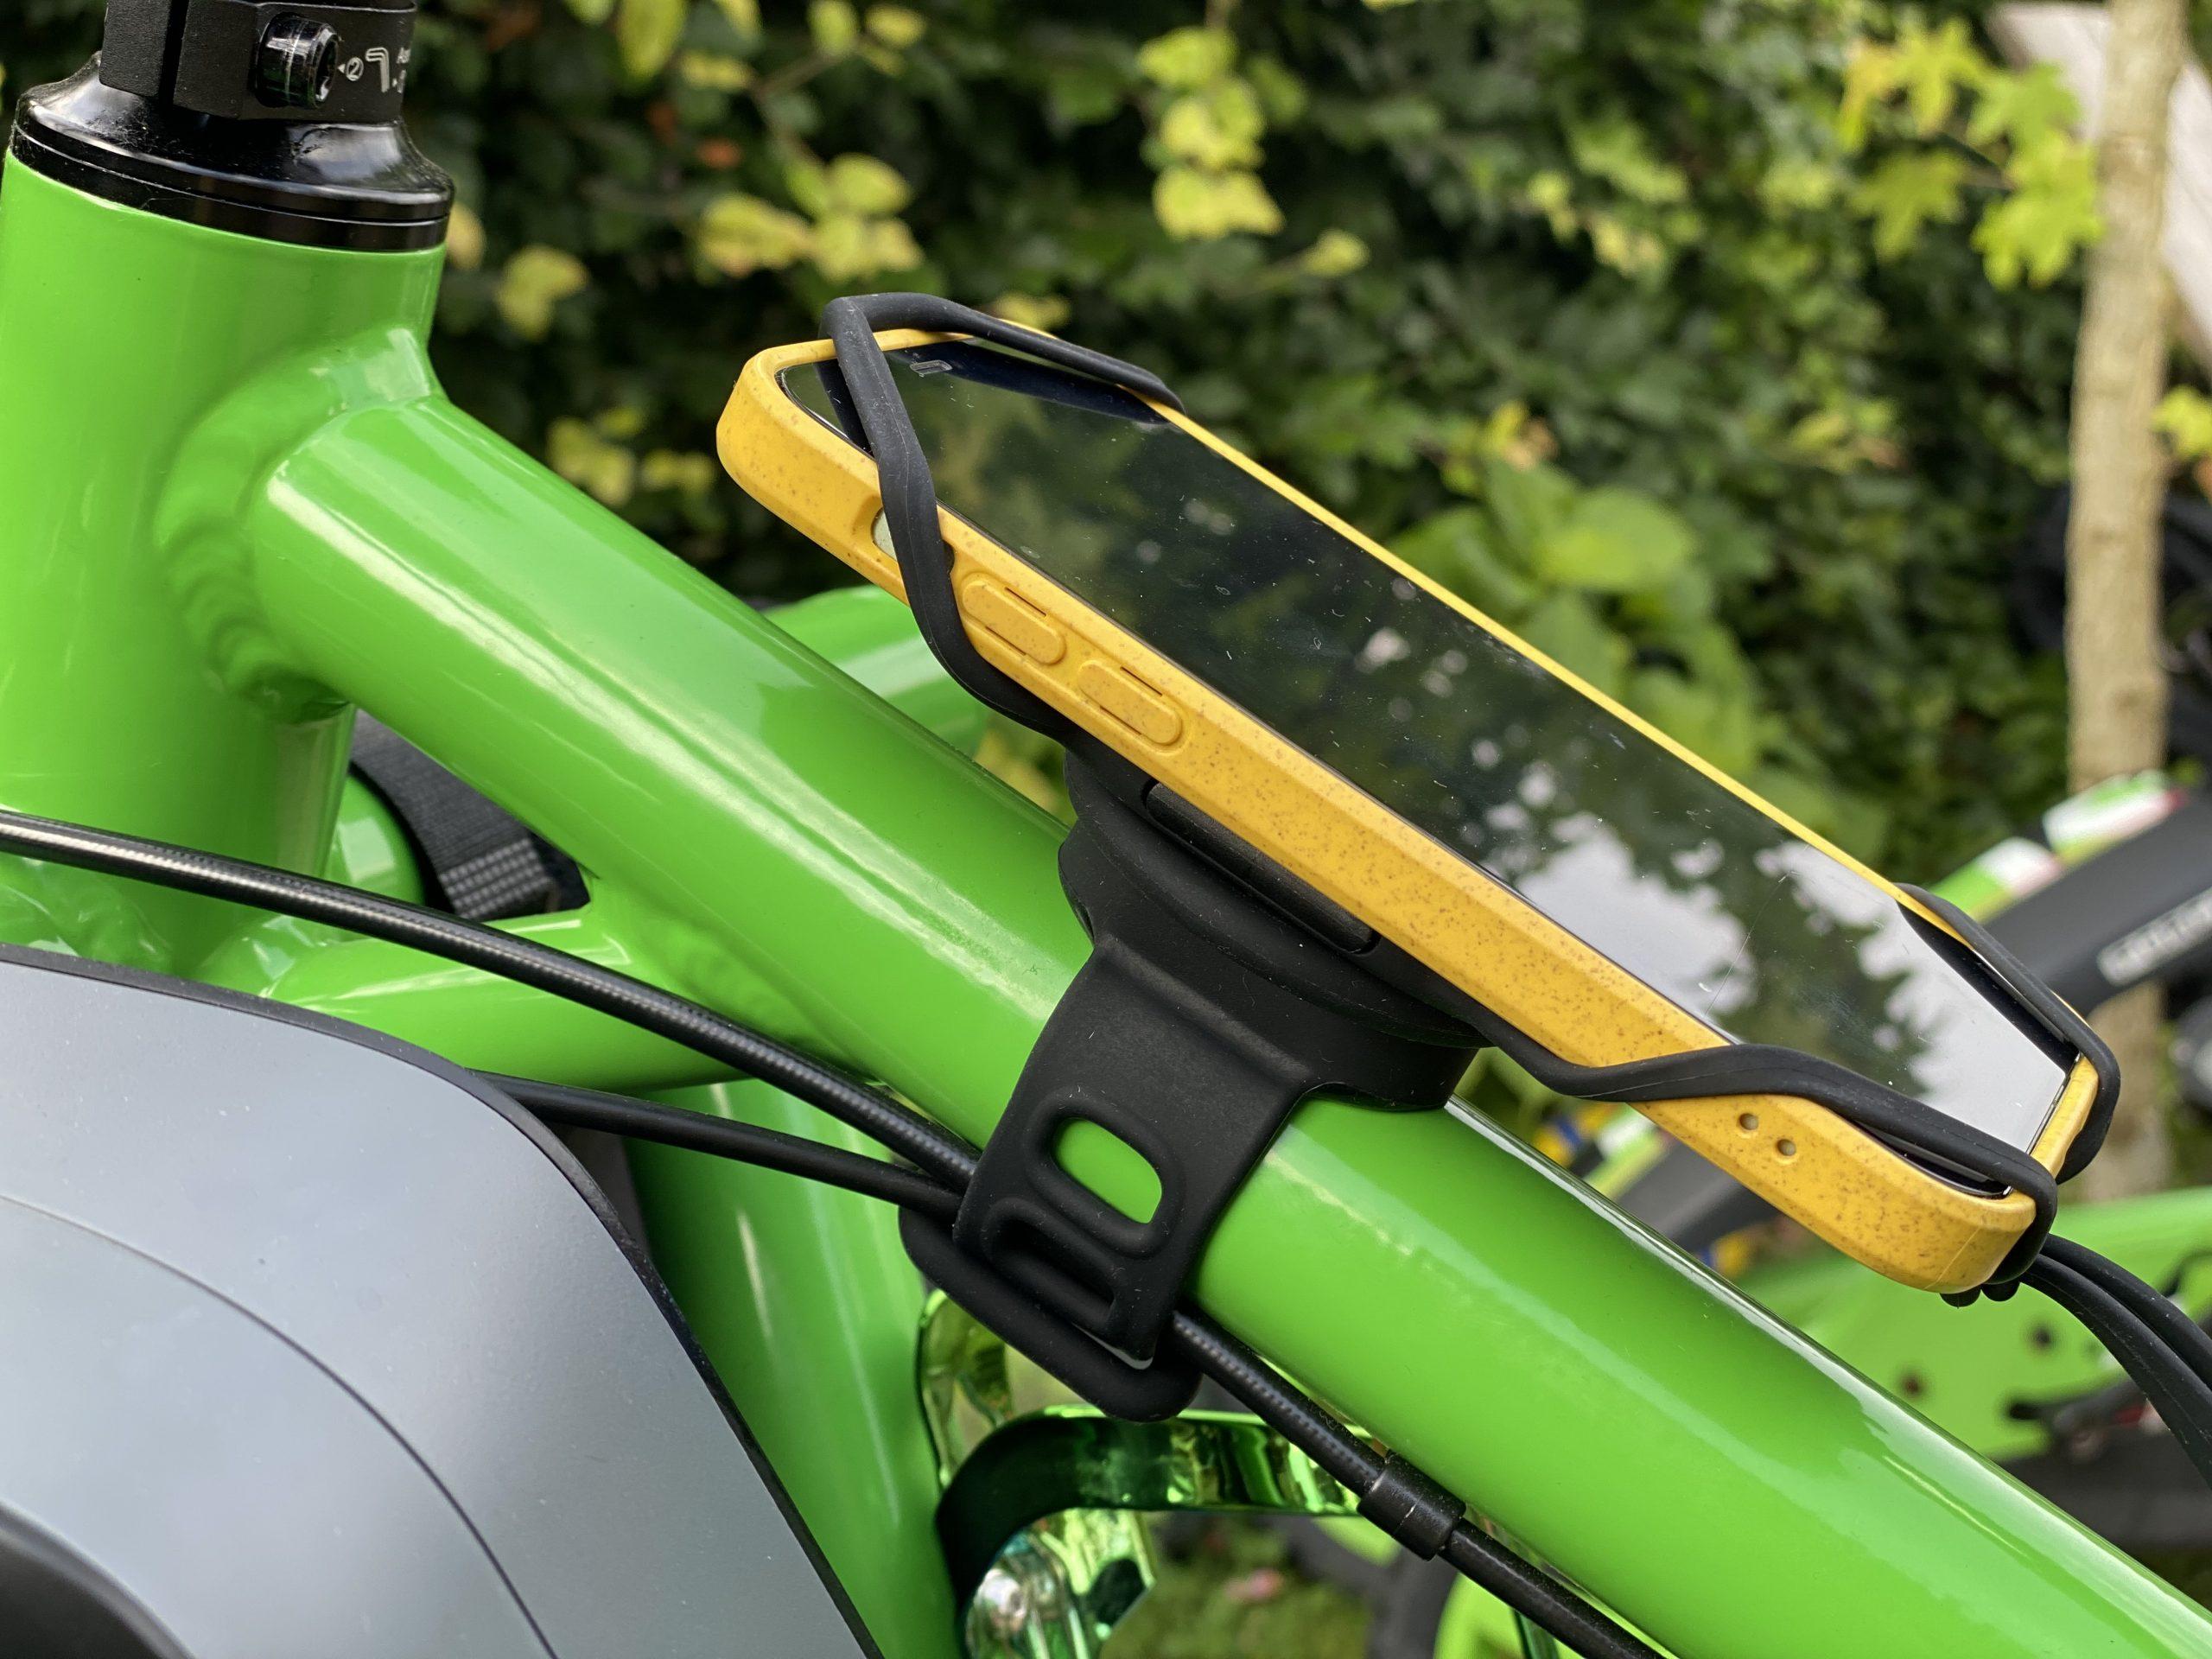 Bike Tie Connect Kit - Fahrradhalterung für das Smartphone